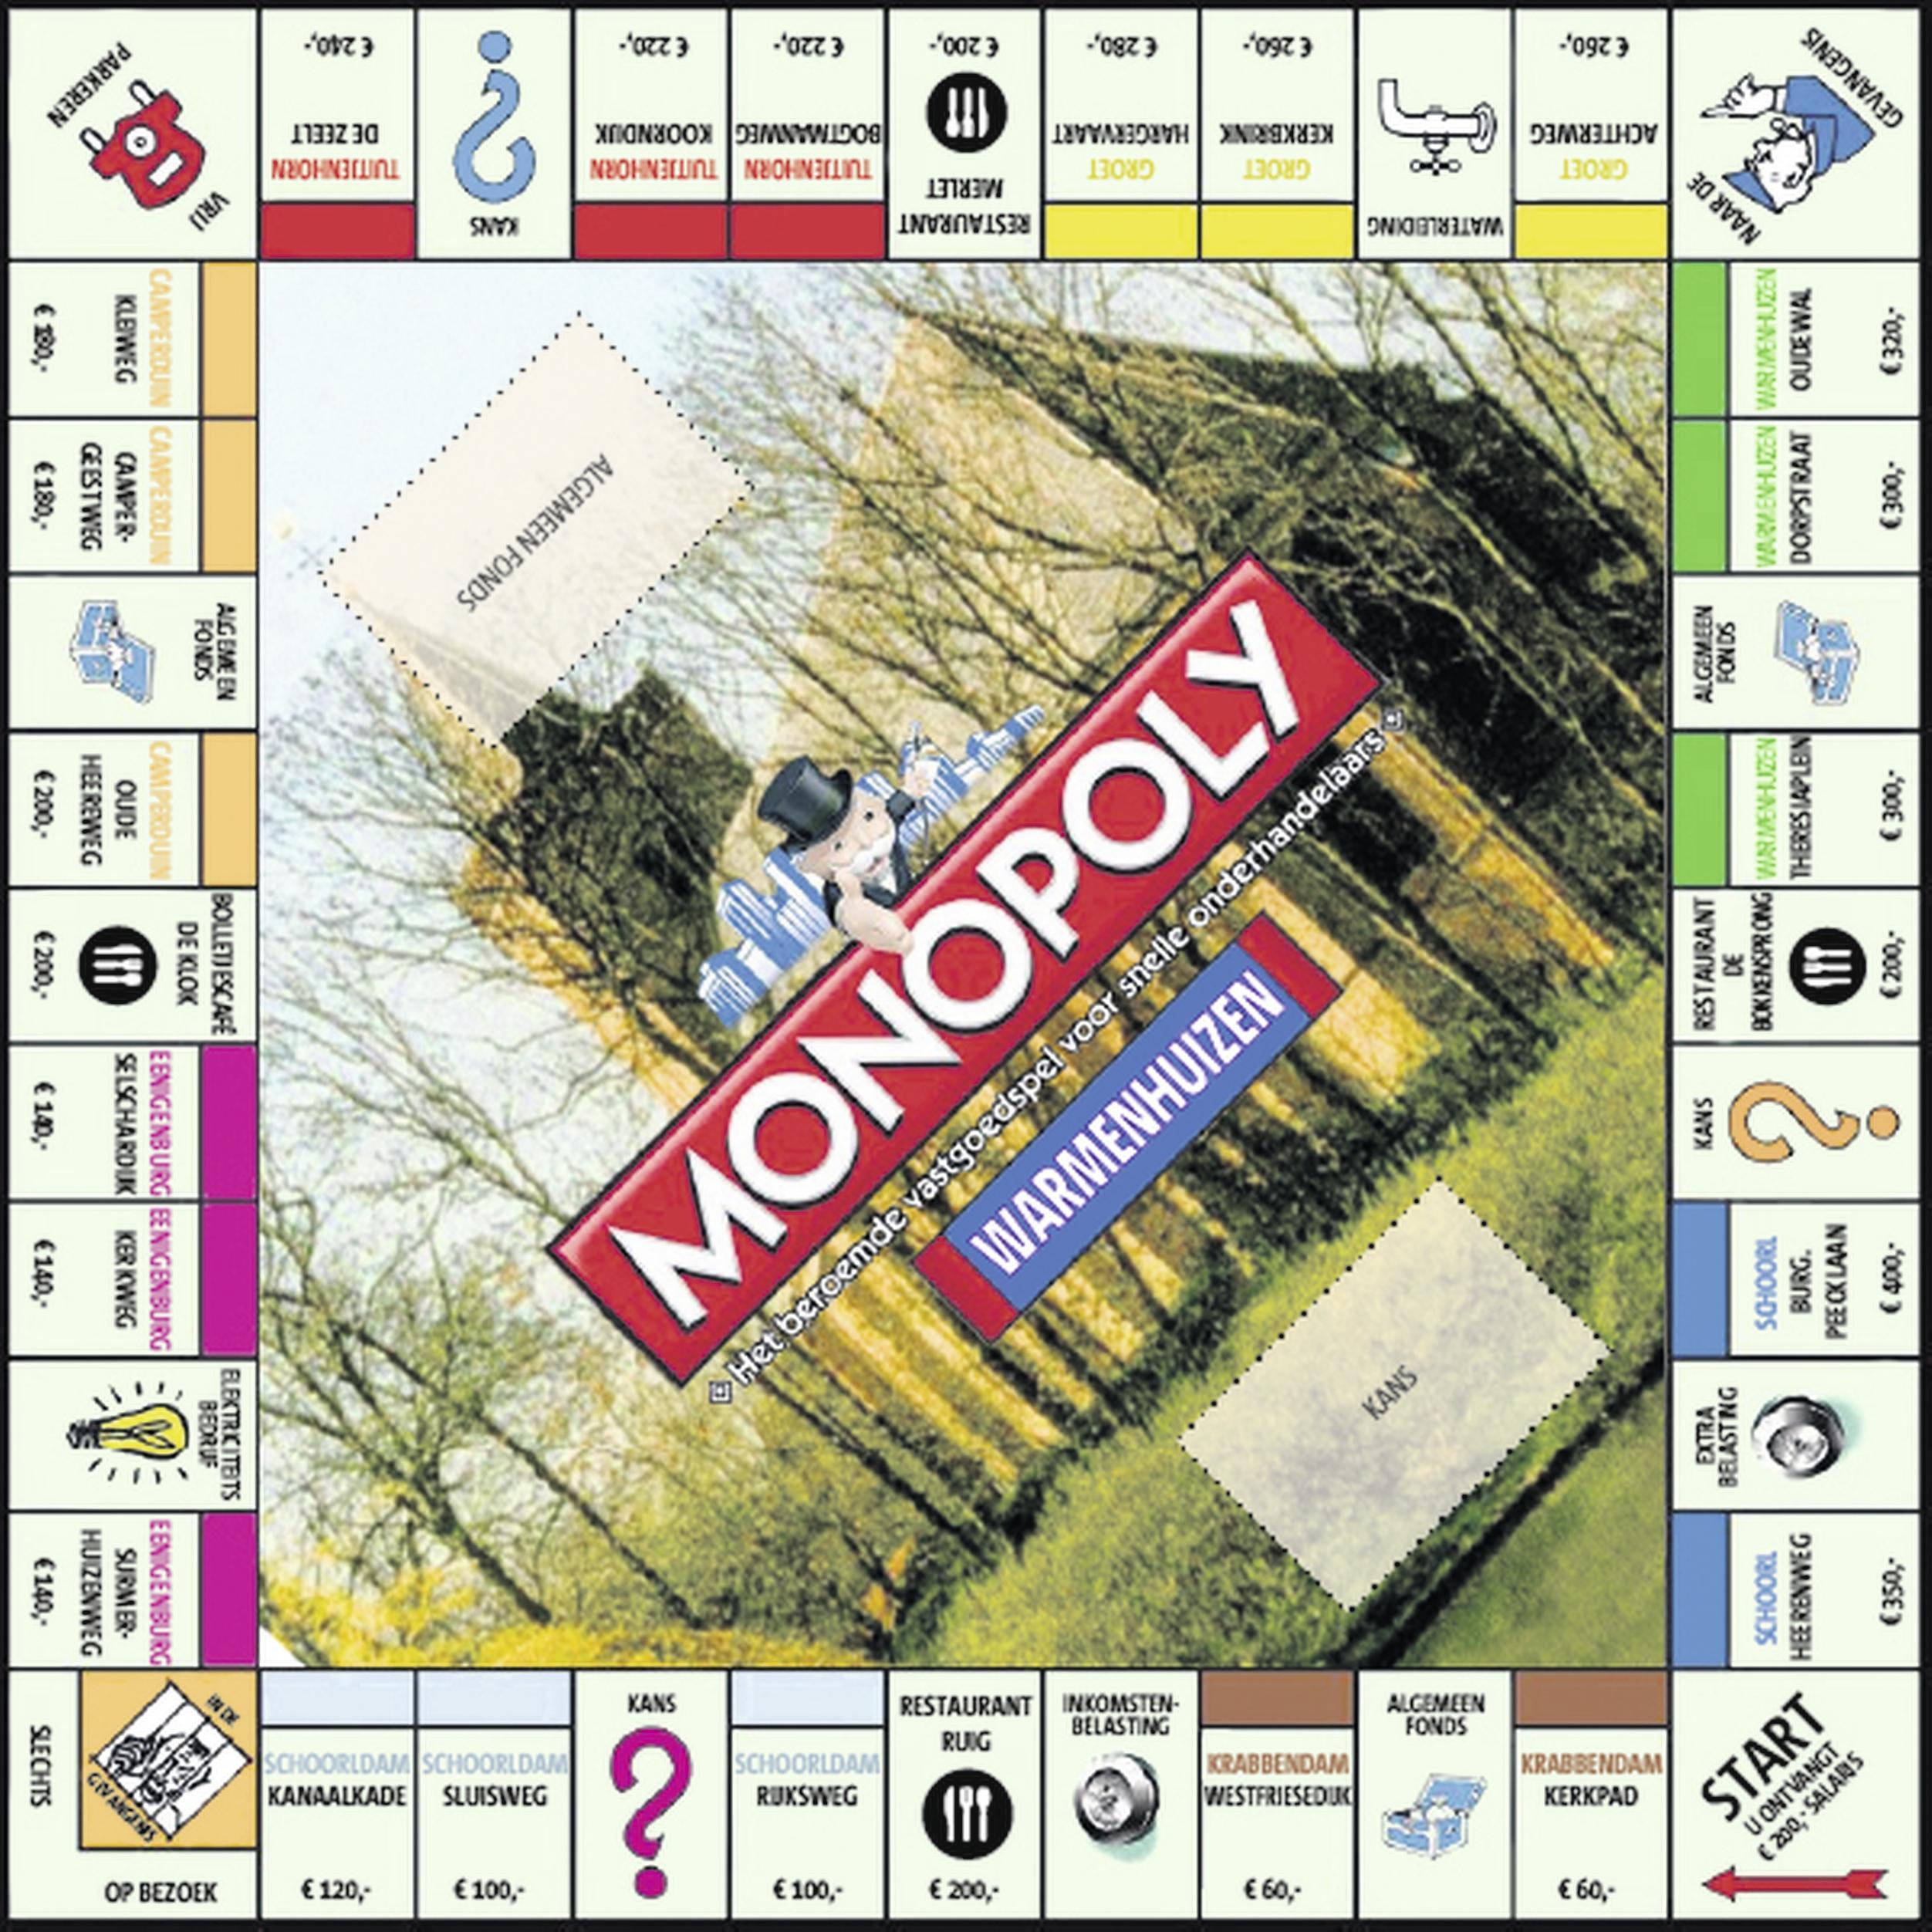 Monopolyspel met straten uit Warmenhuizen, Schoorl, Groet en Tuitjenhorn; En de klanten van de plaatselijke supermarkt mogen bepalen welke dat zijn